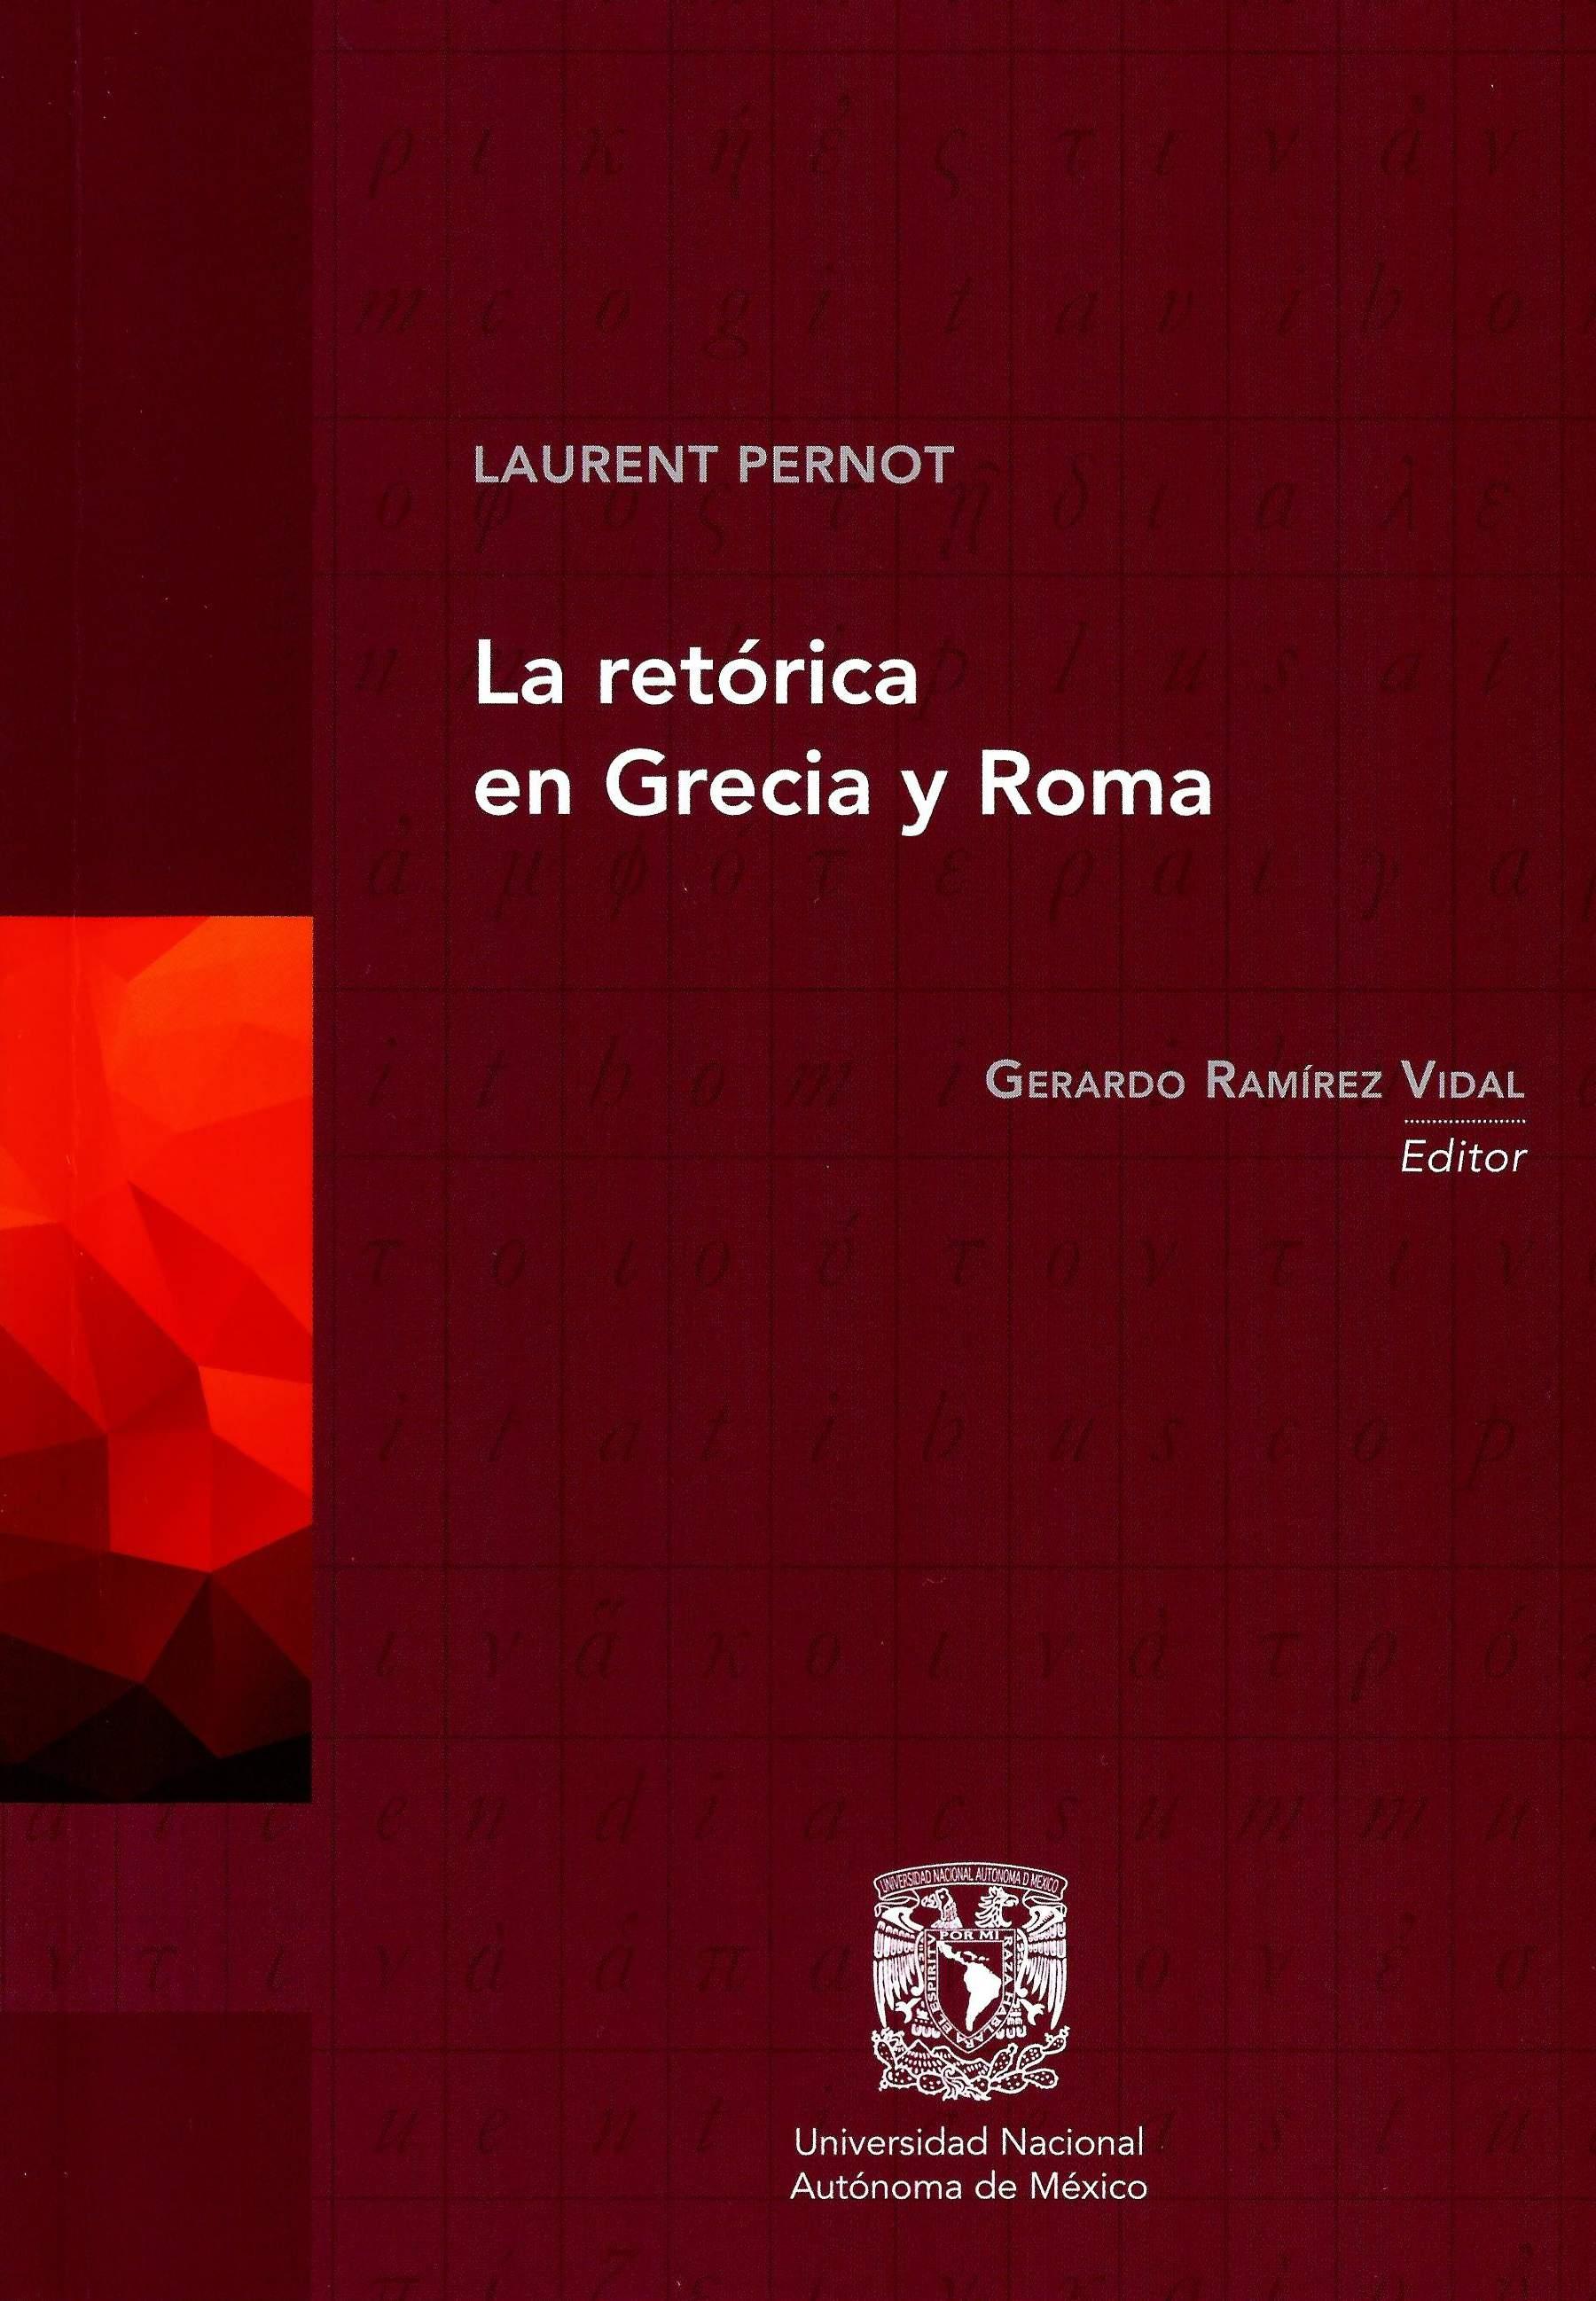 La retórica en Grecia y Roma